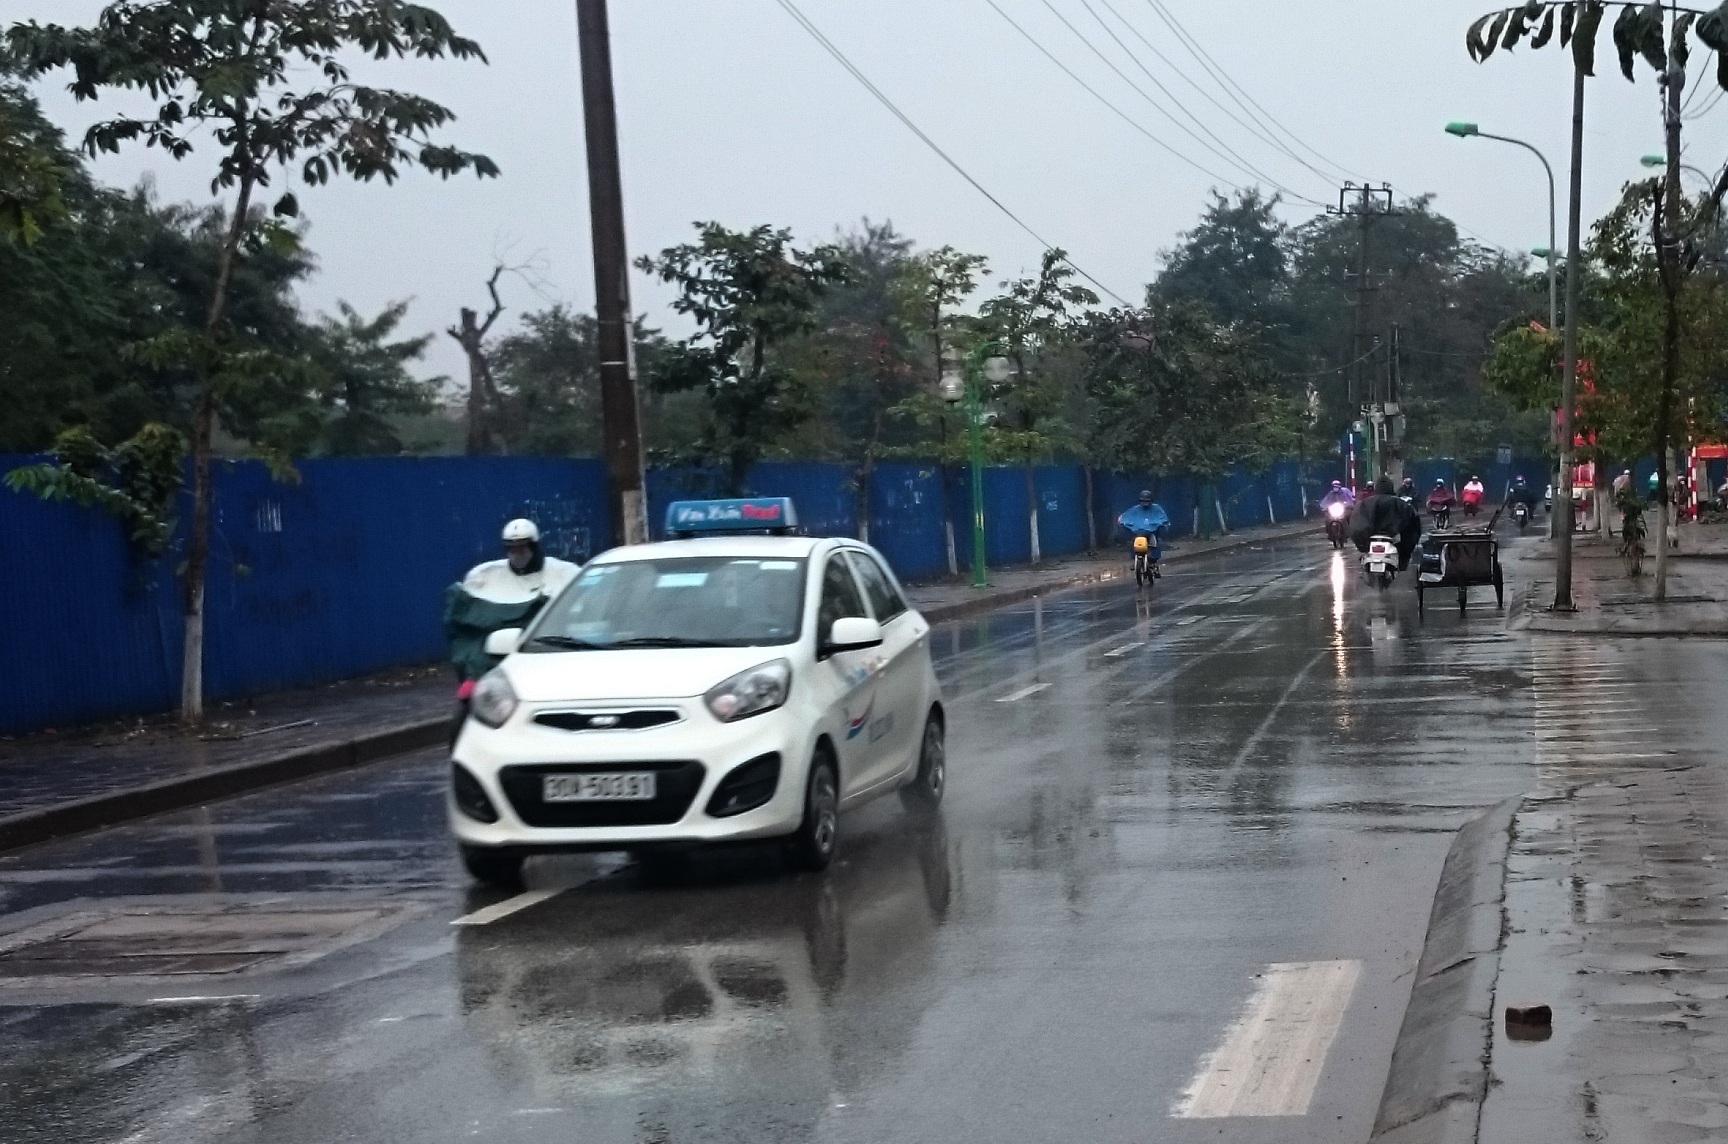 Thời tiết mưa rét các hãng taxi hoạt động hết công suất (ảnh: Nguyễn Dương)